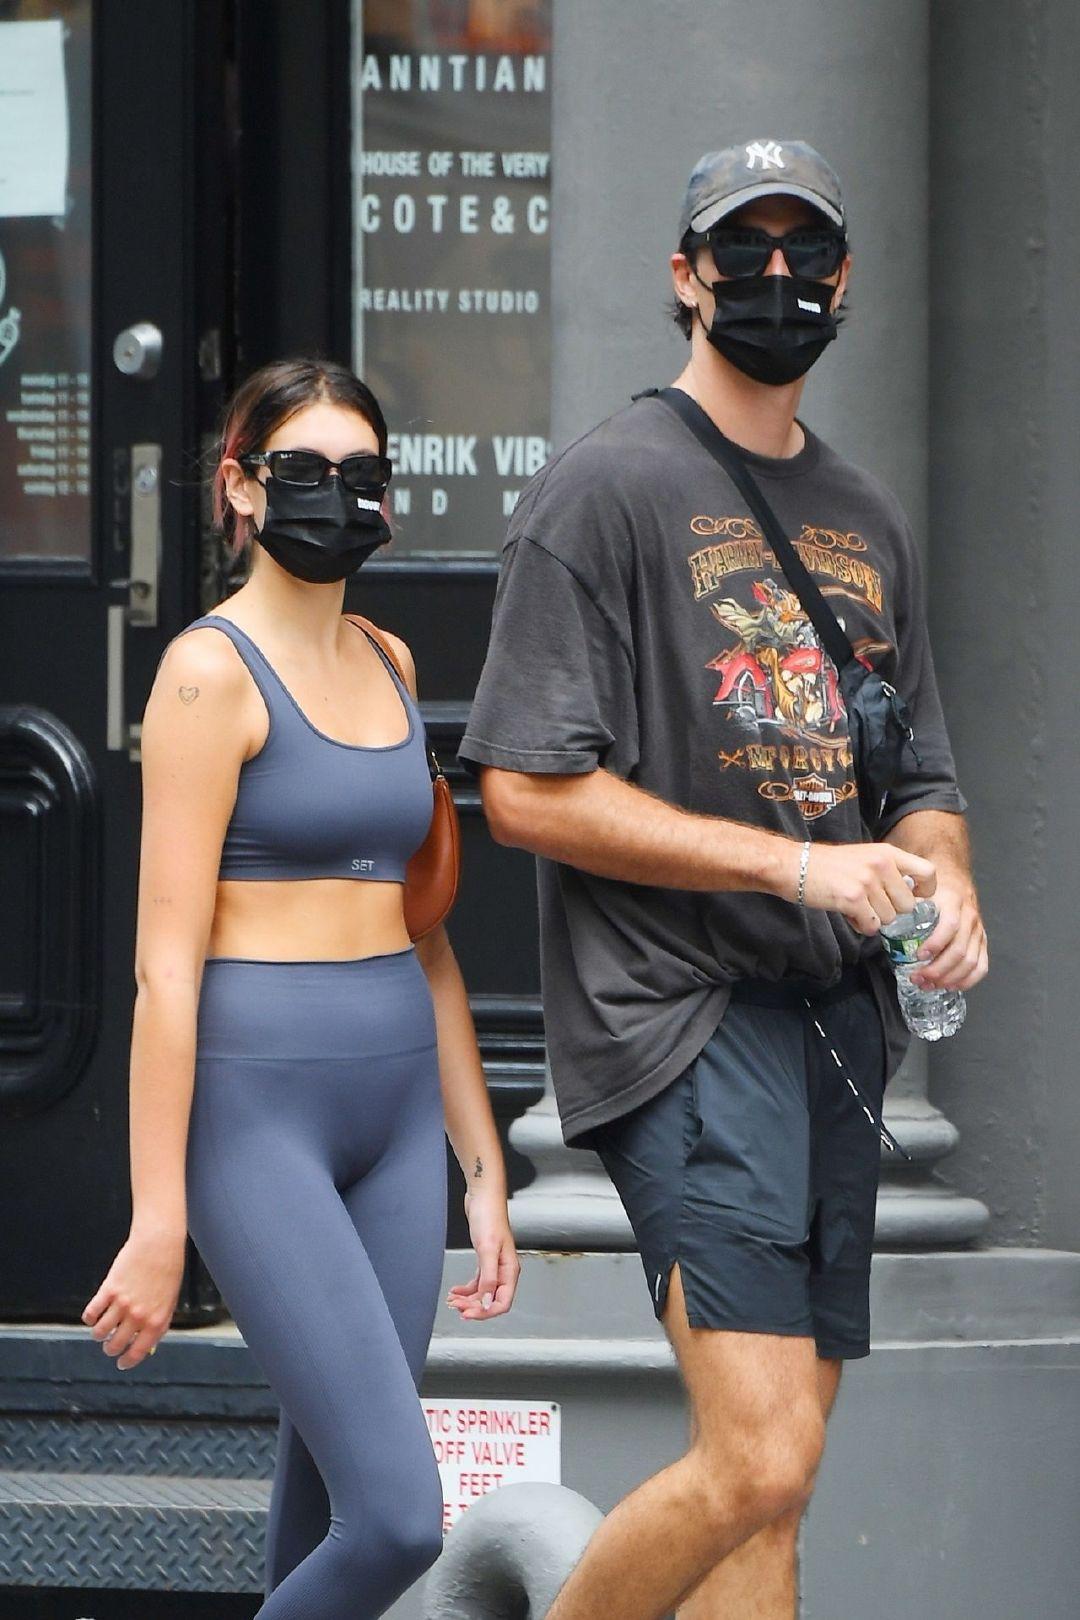 凯雅·杰柏(Kaia Gerber)和雅各布·艾洛蒂(Jacob Elordi)-前往纽约健身